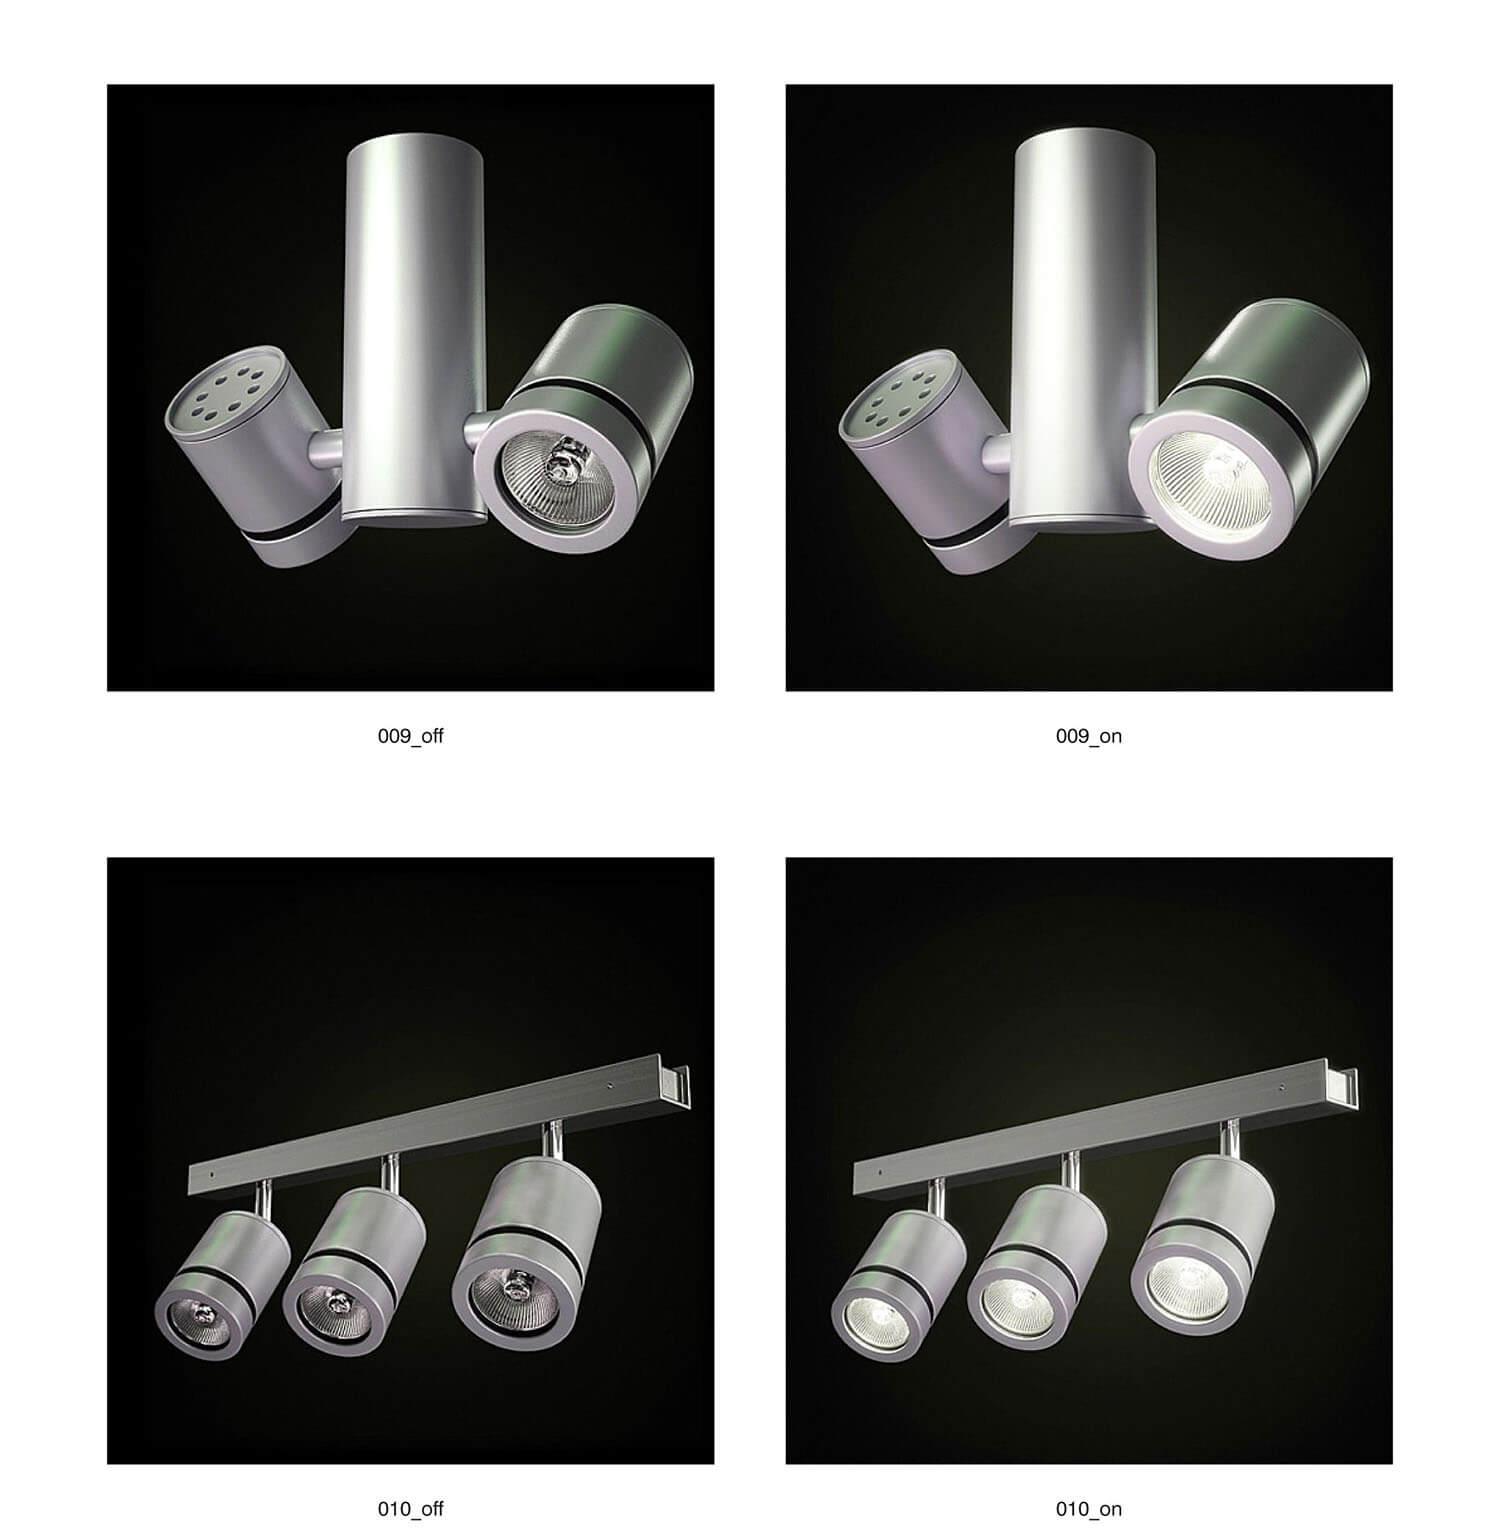 Các loại đèn cho các biệt thự hiện đại, với khối hình, đường nét đơn giản